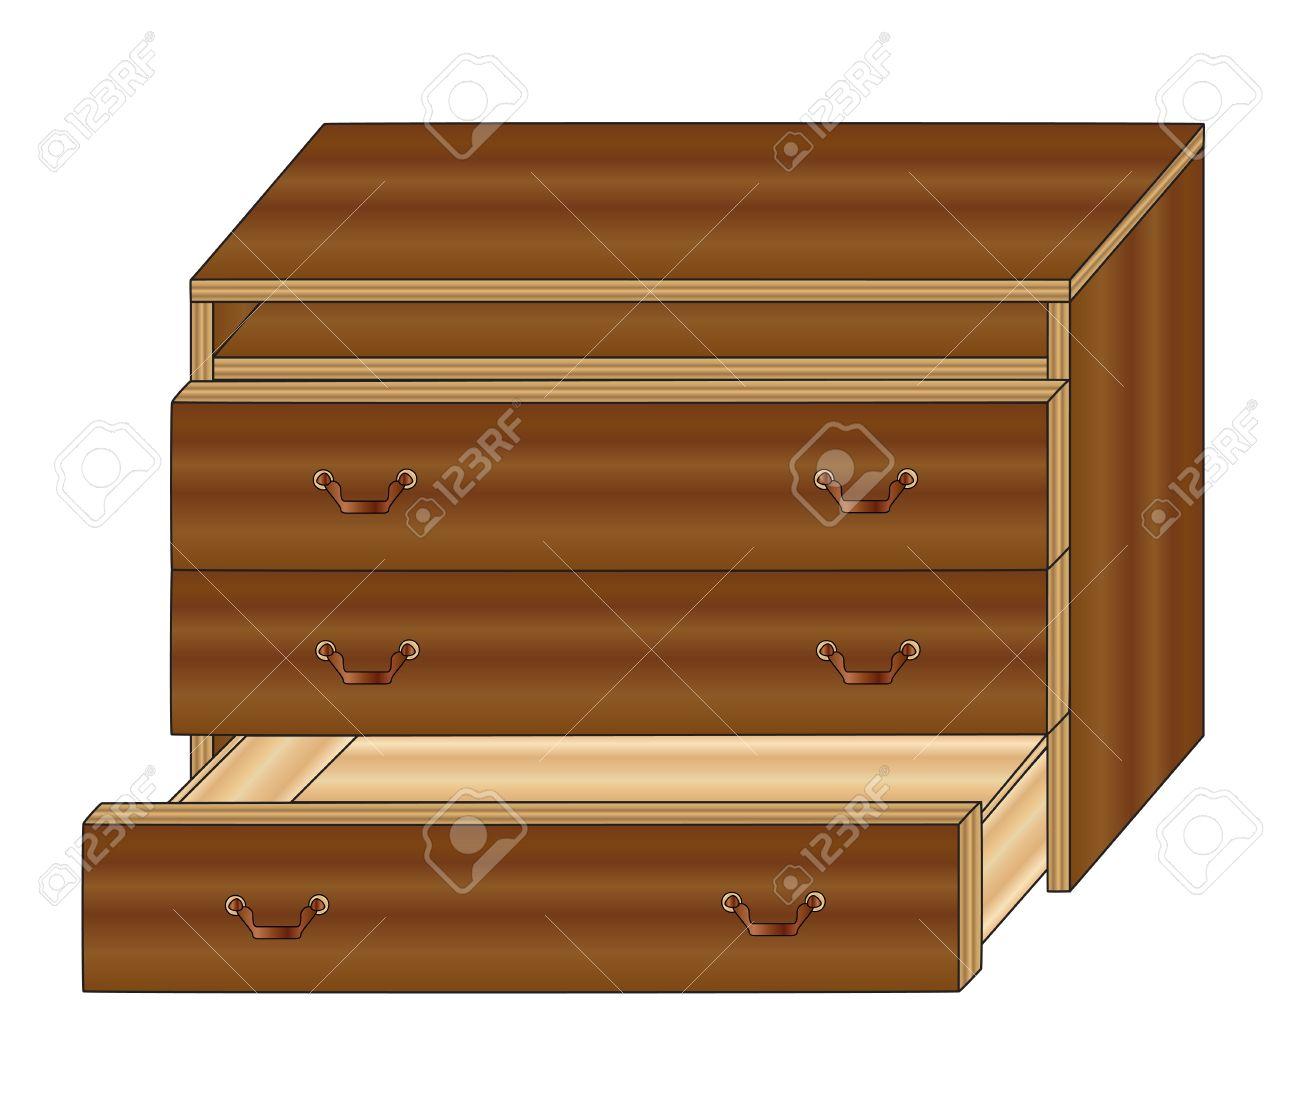 Muebles Pecho Marrón De Cajones Con Un Cajón Abierto Ilustraciones ...